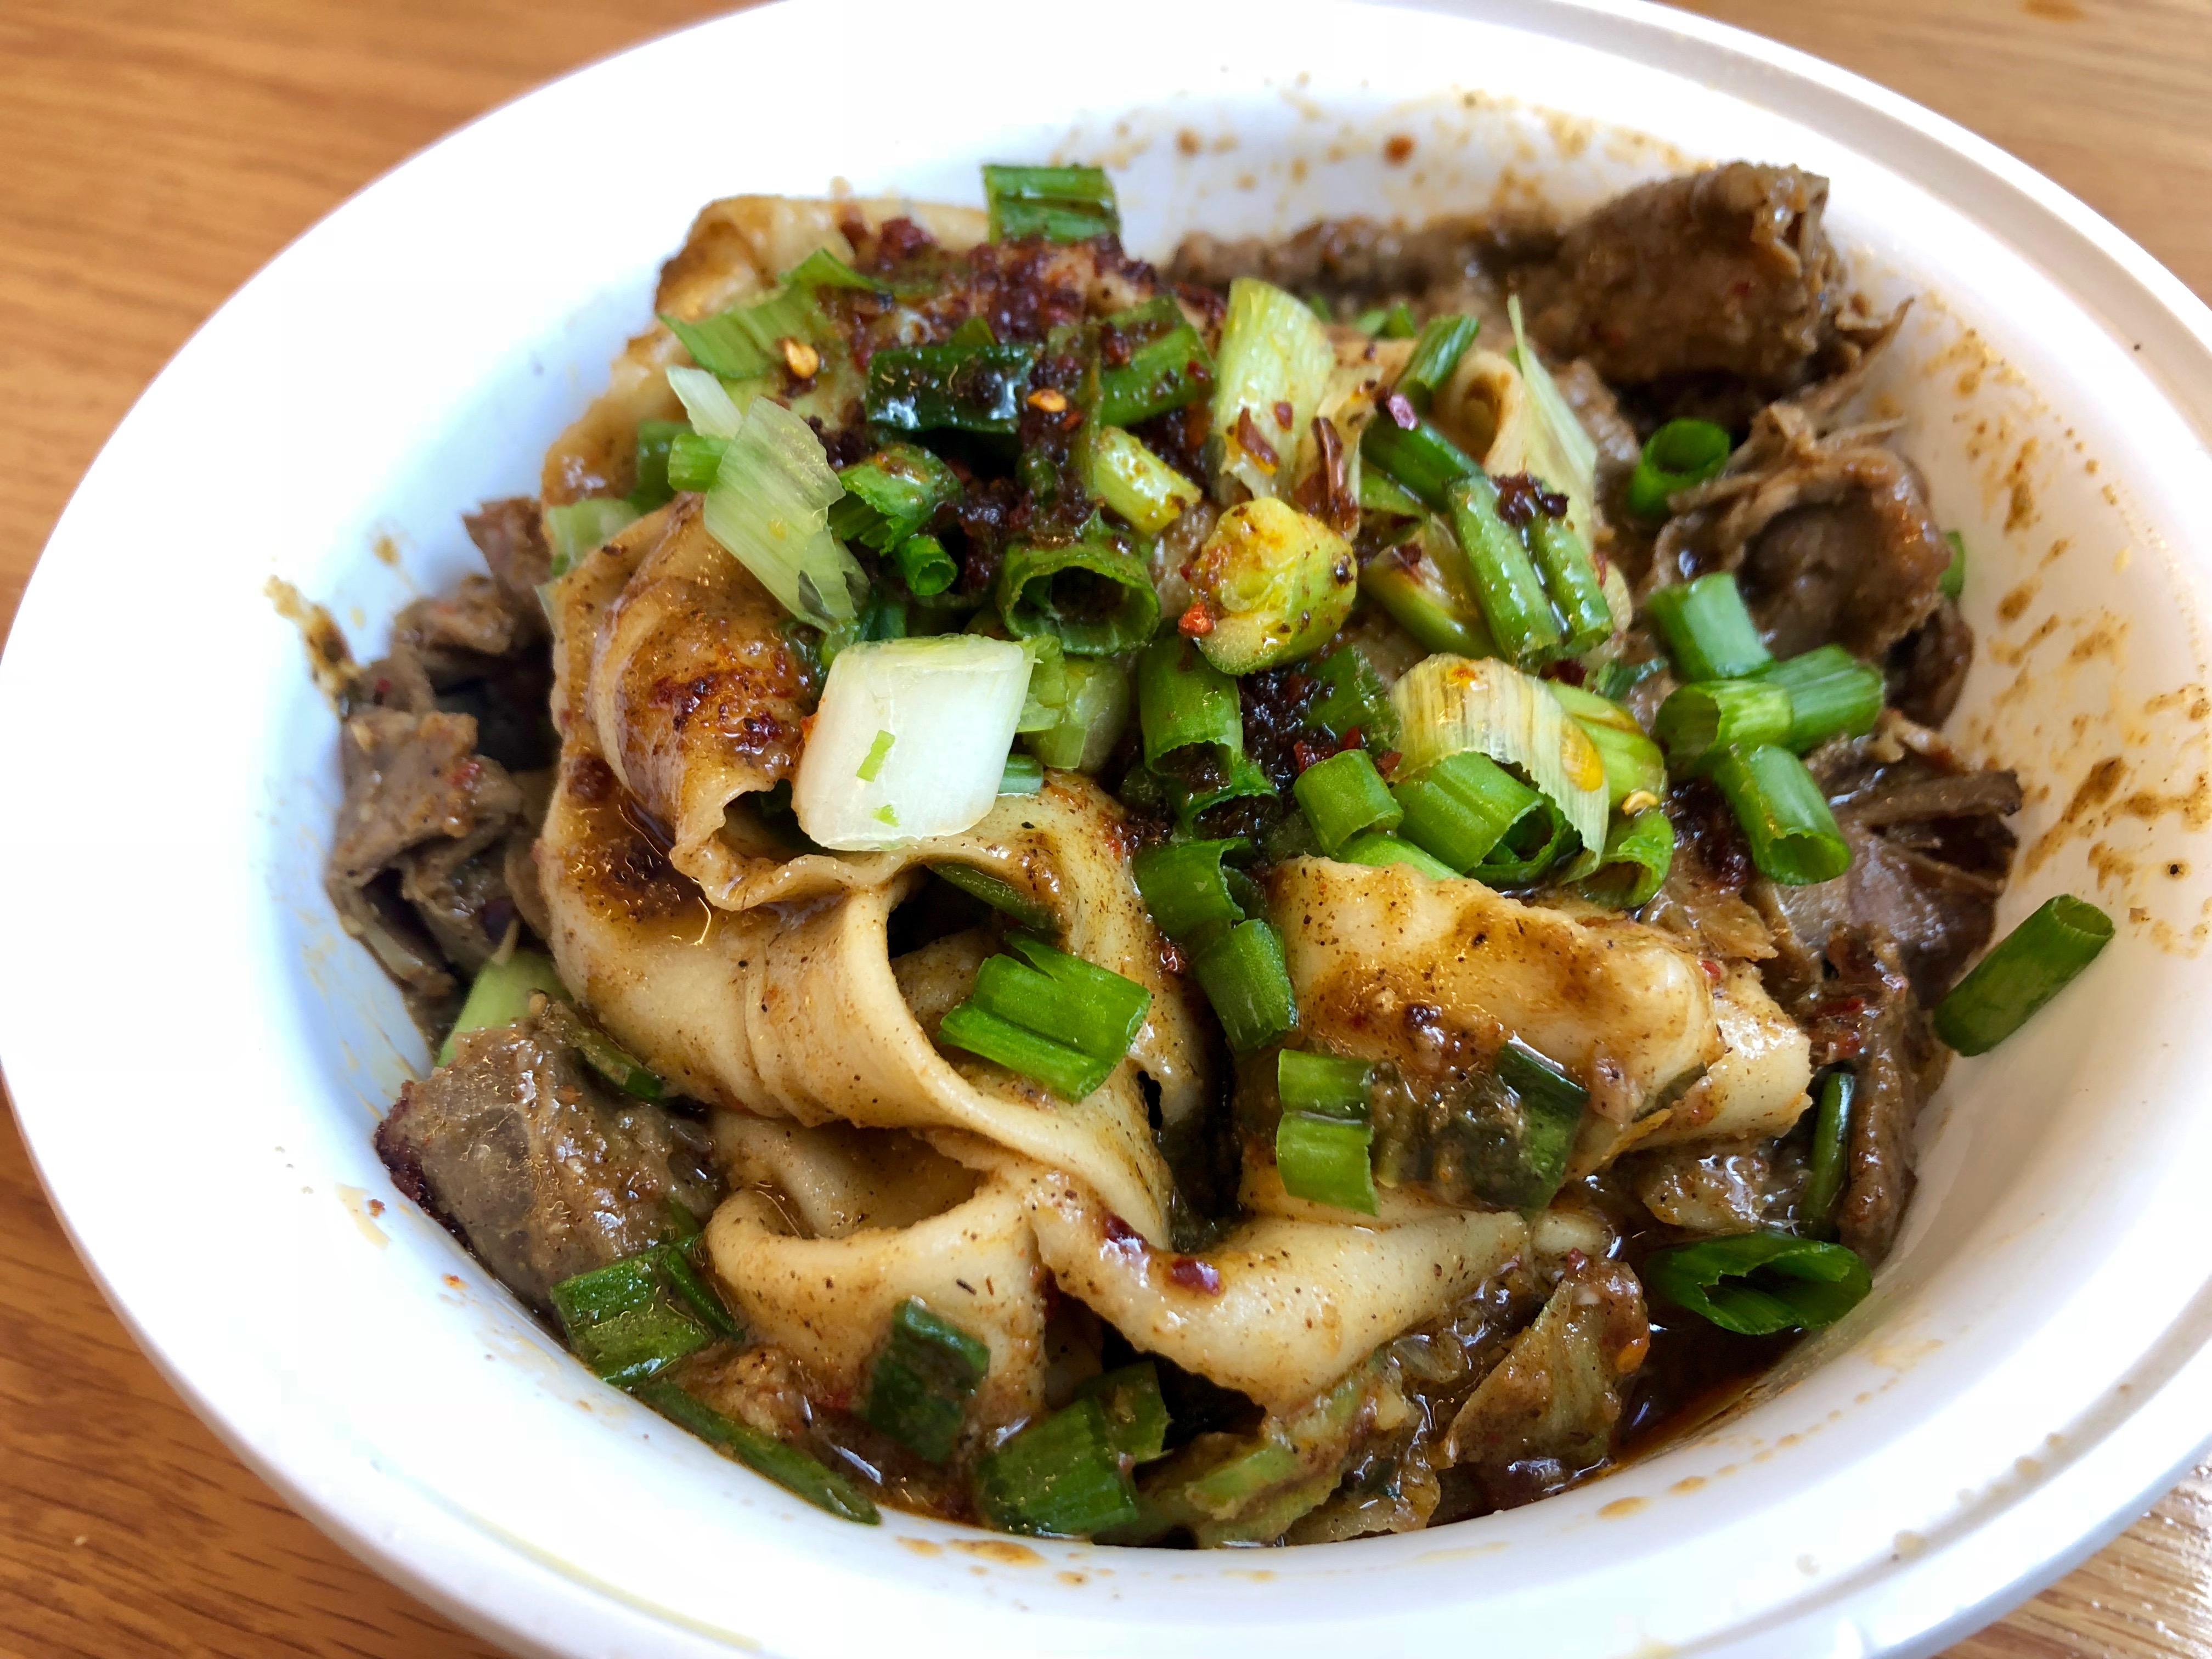 Cumin lamb noodles at Very Fresh Noodles